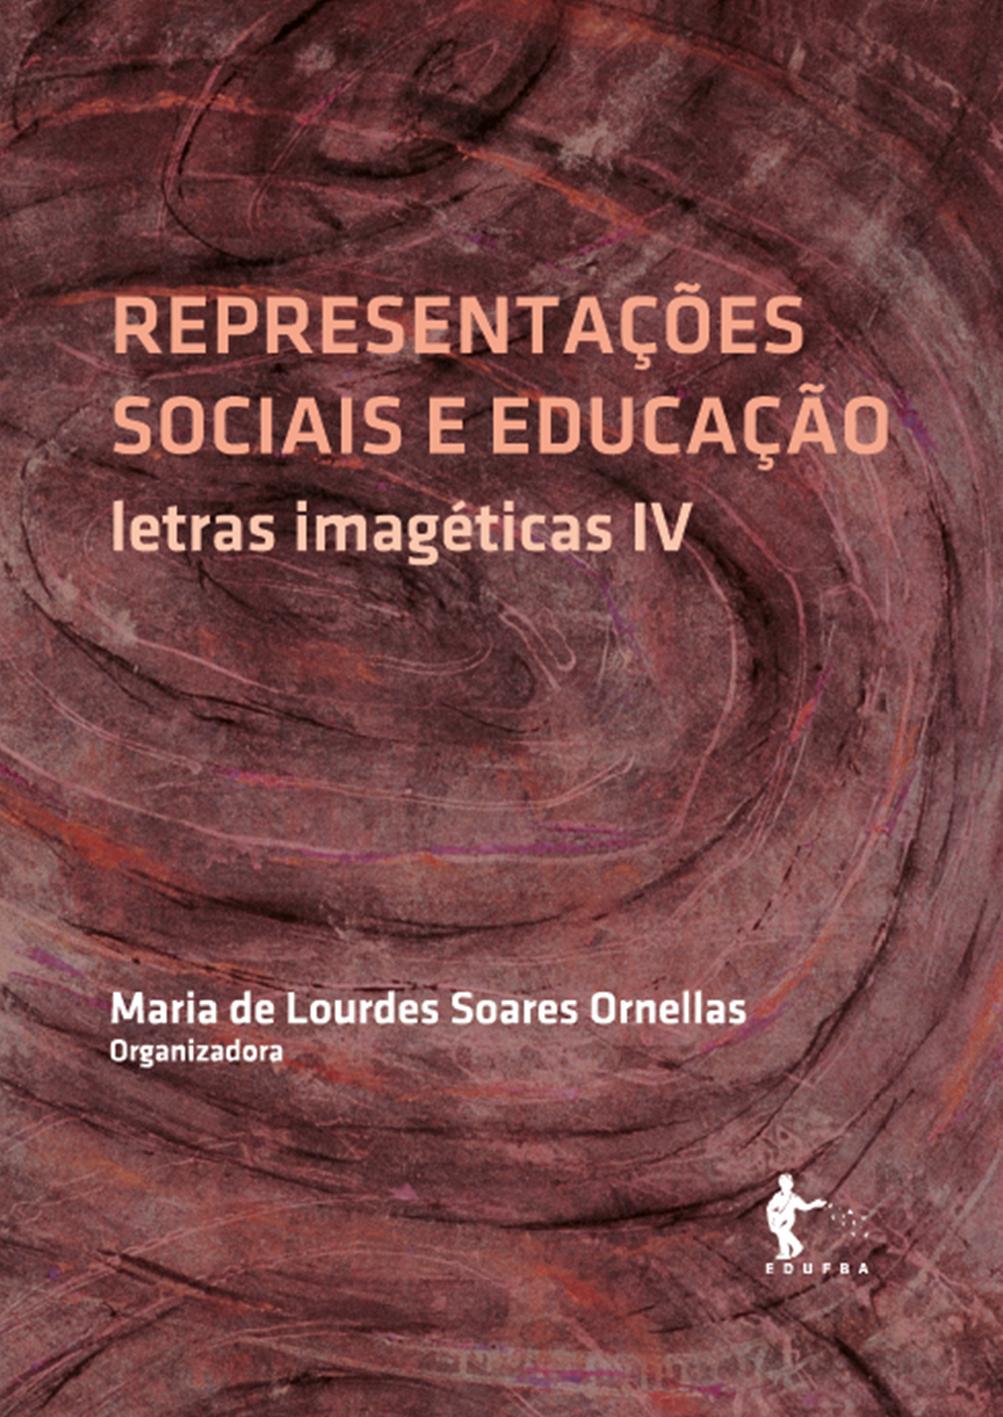 Representações Sociais e educação: letras imagéticas IV, livro de Maria de Lourdes Soares Ornellas (Org.)